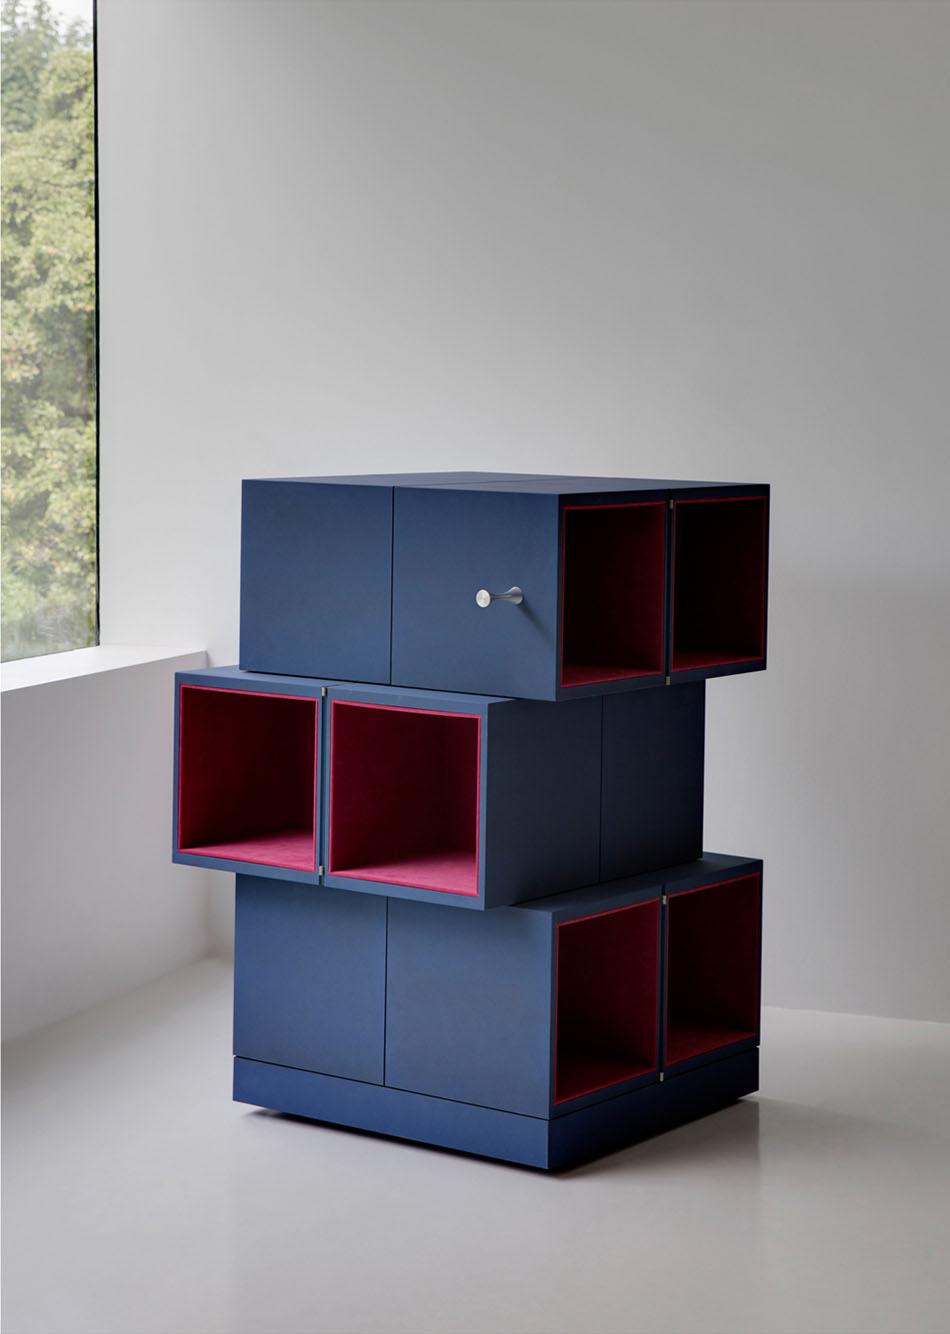 Дизайнерский шкаф в интерьере дома: высота шкафа Cubrick Twelwe – 100 см